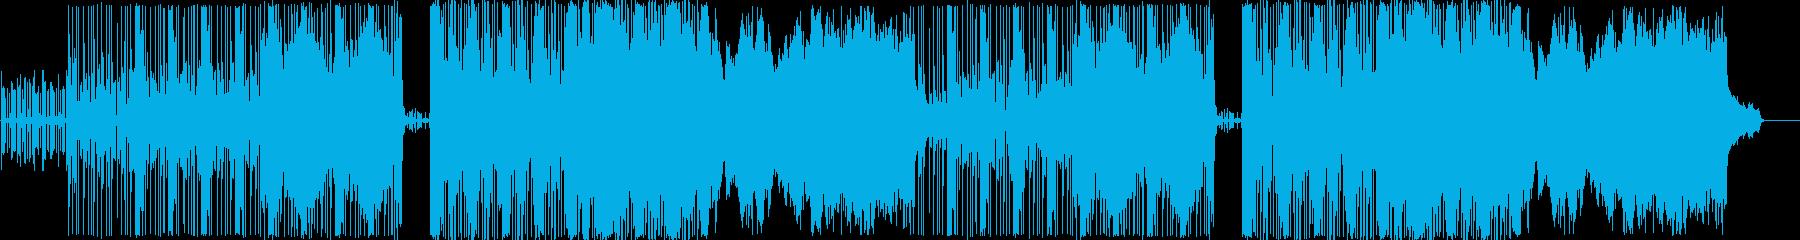 近代遺跡・機械ダンジョン等のBGMの再生済みの波形